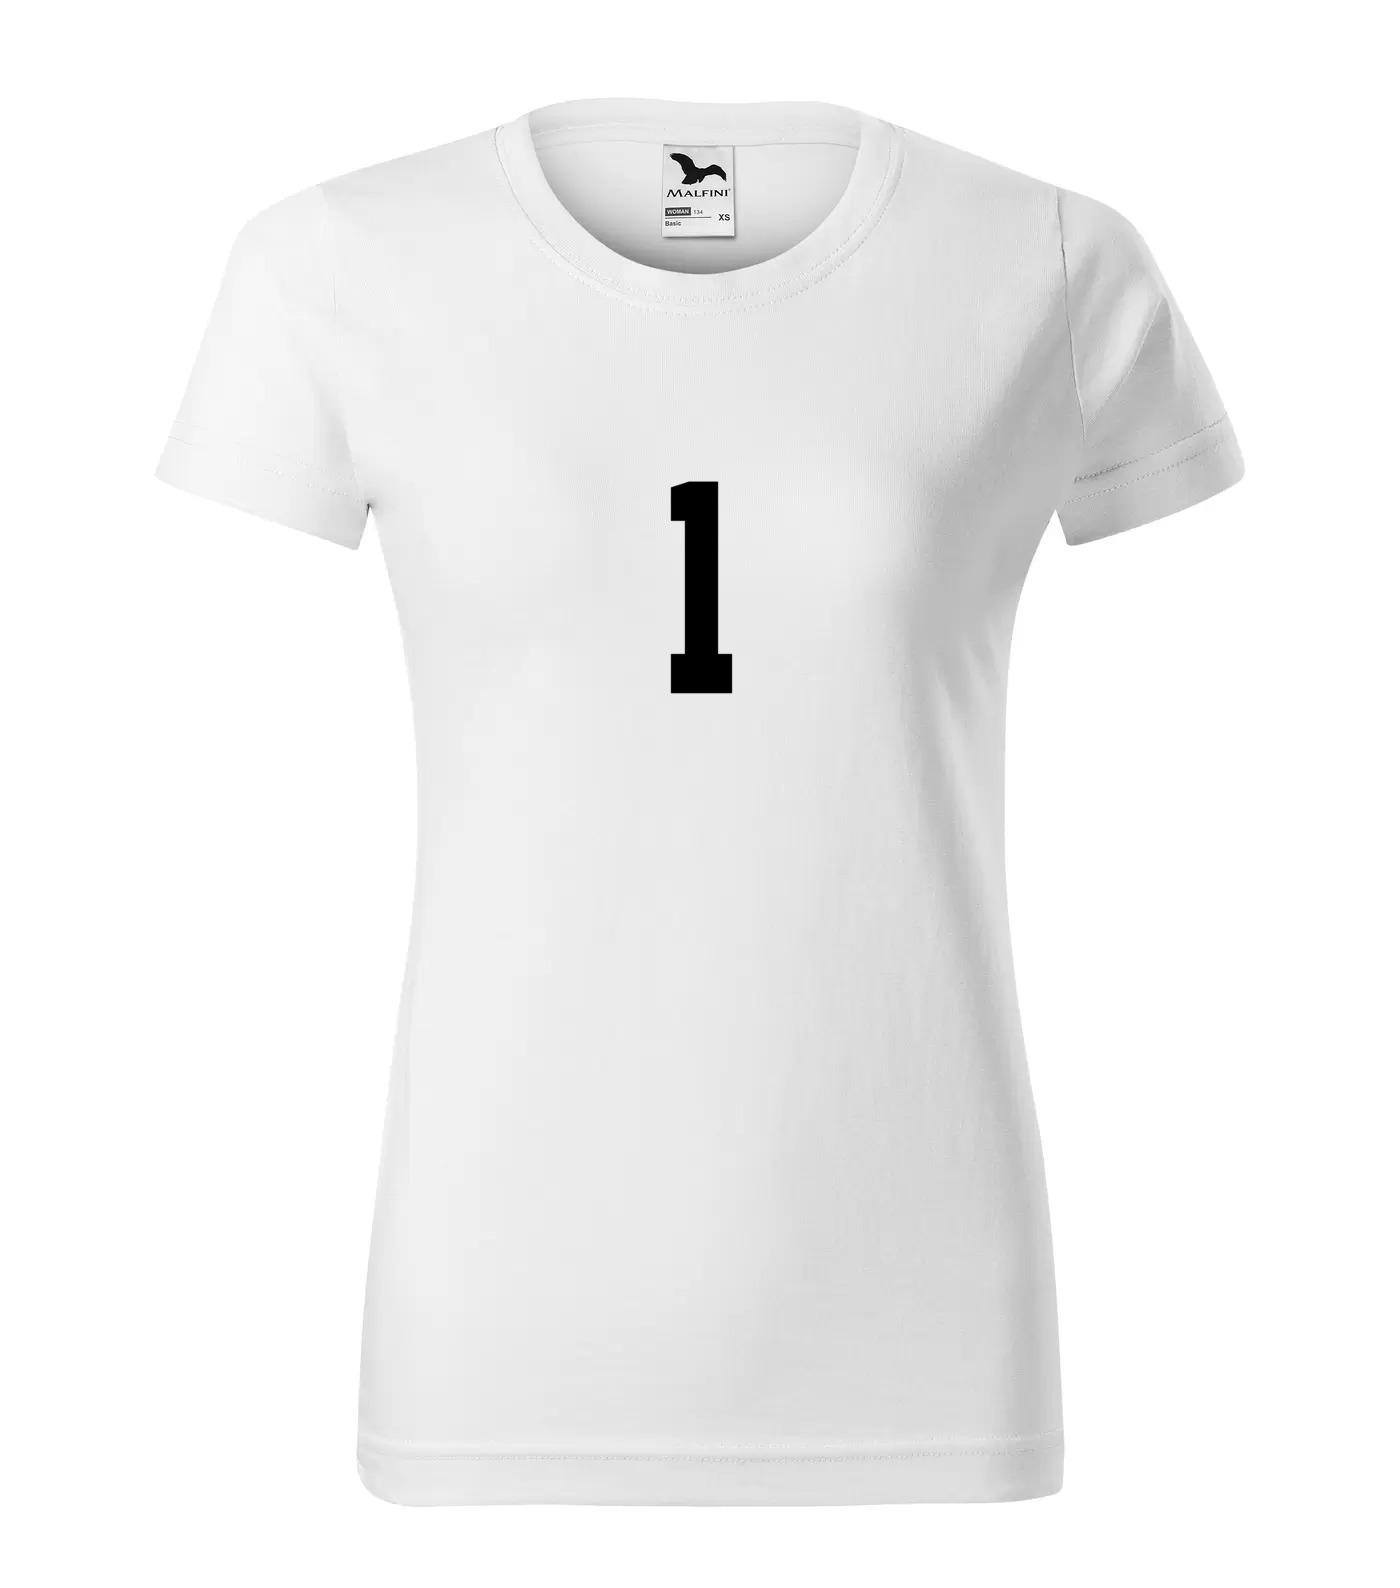 Tričko s číslem 1